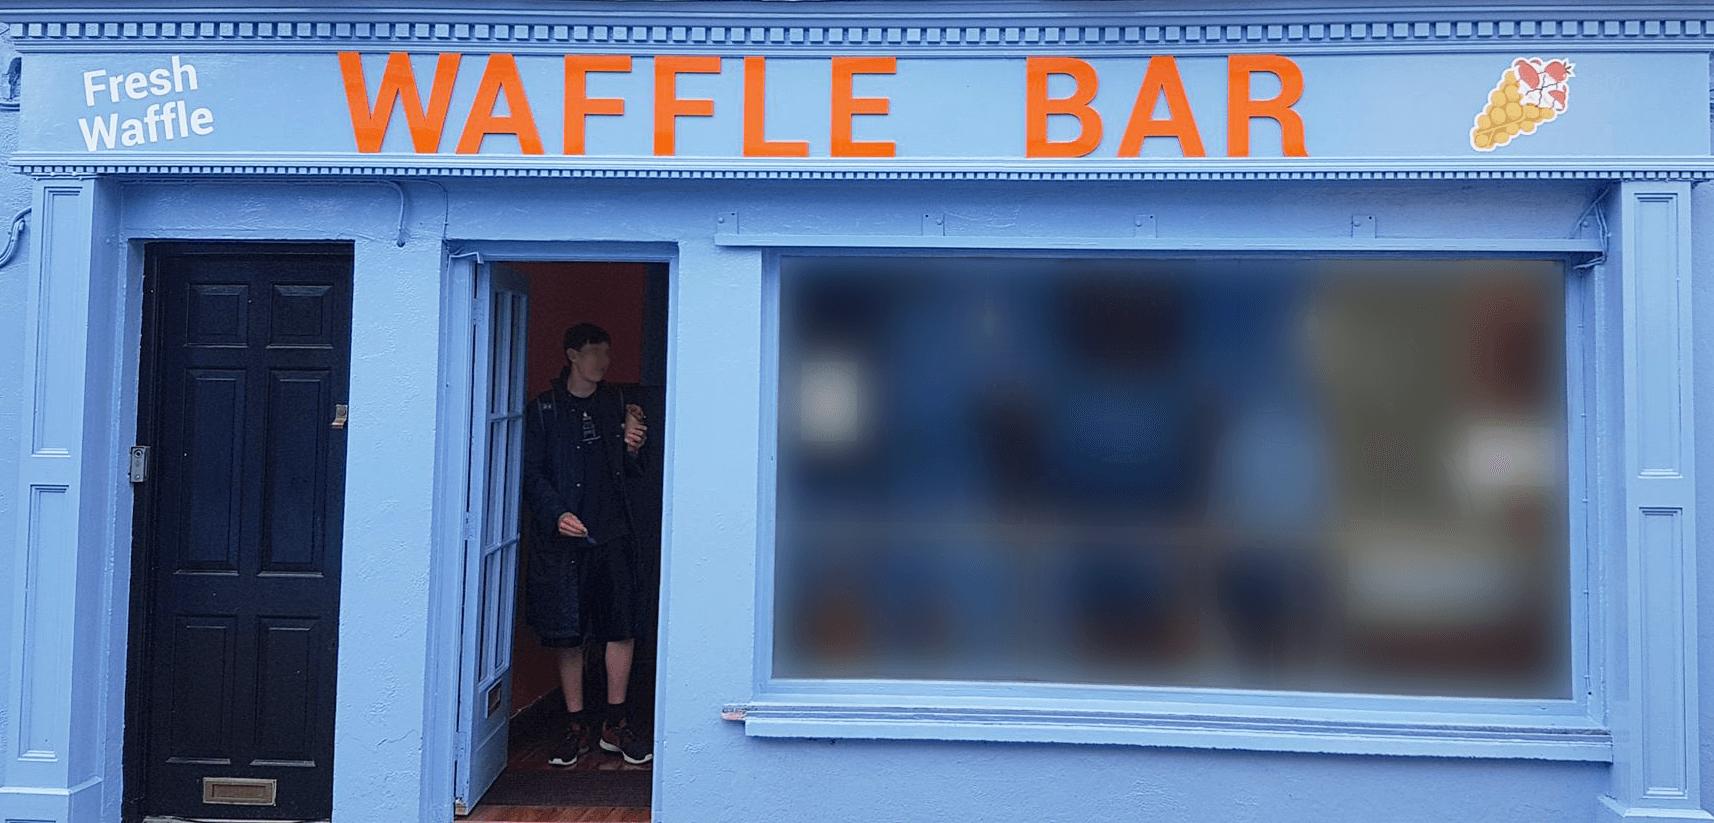 1. Waffle Bar